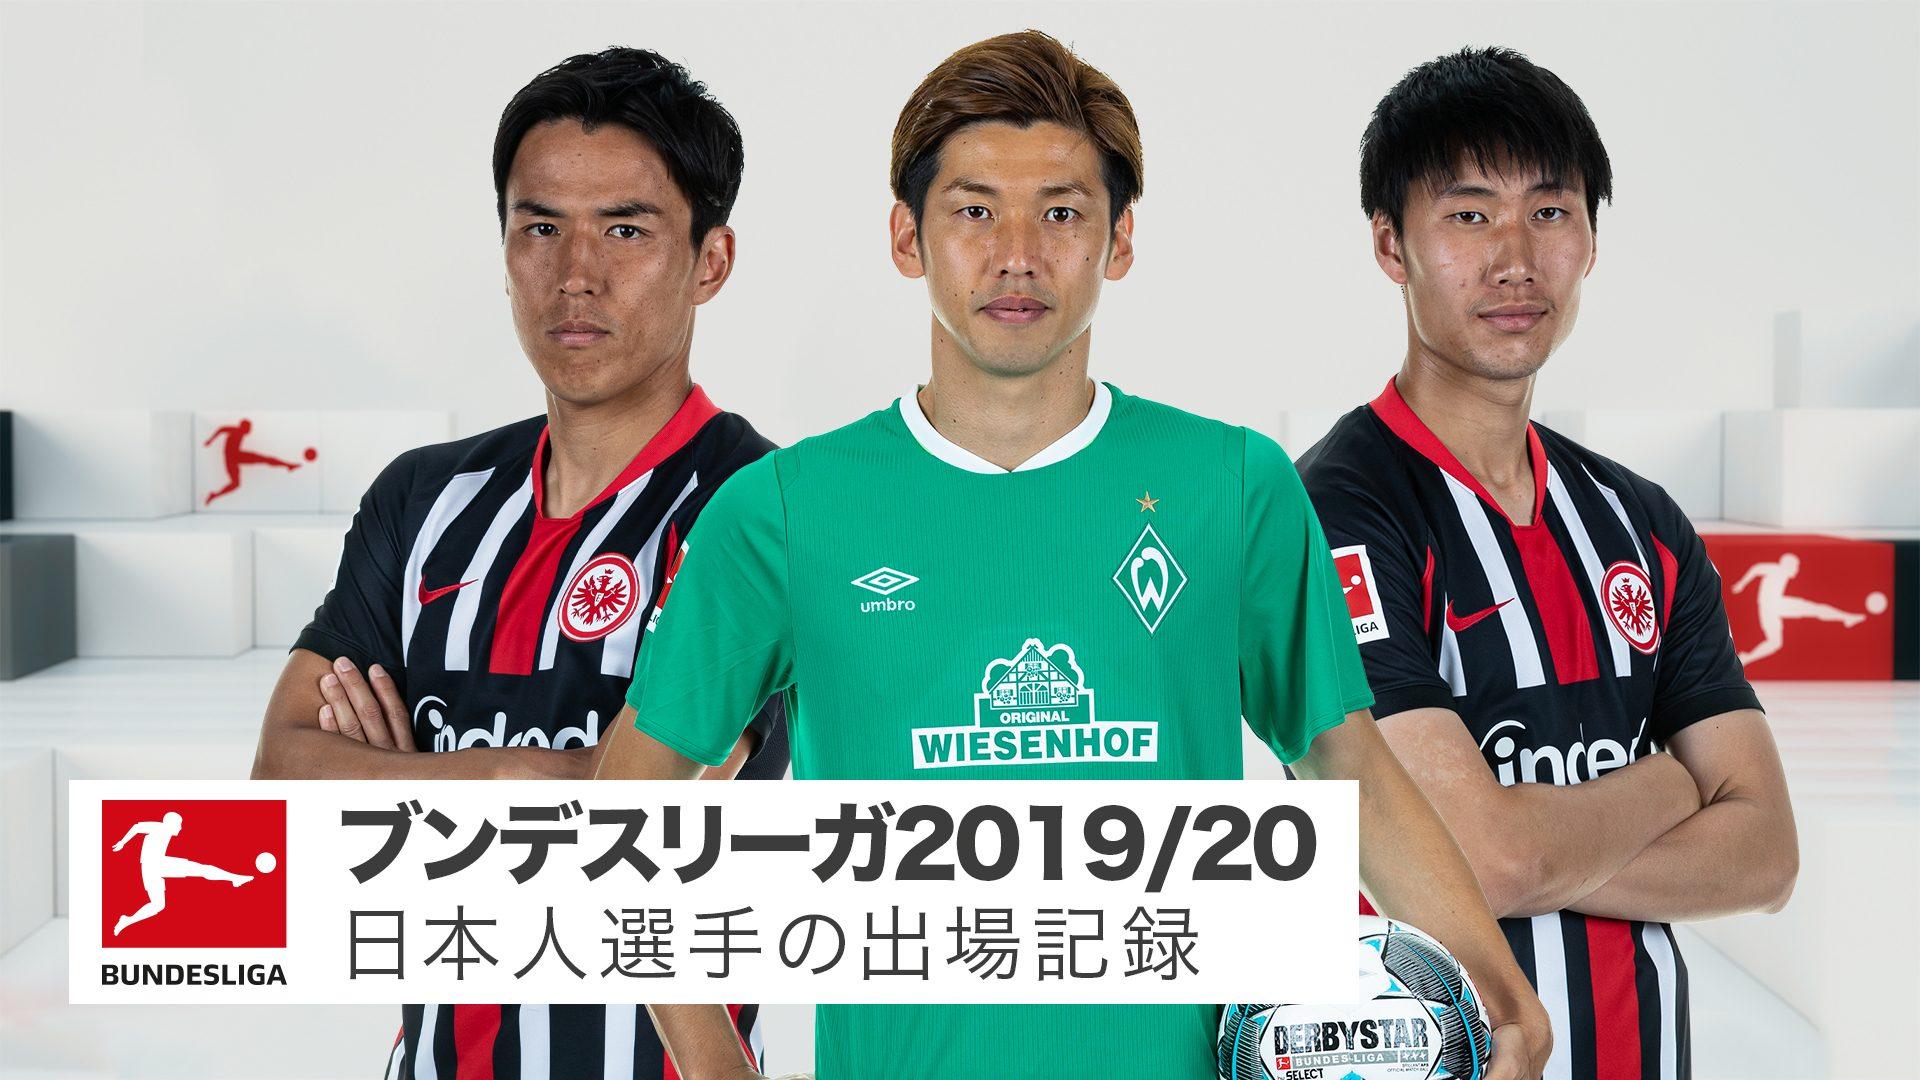 日本人選手 2019/20シーズン出場記録